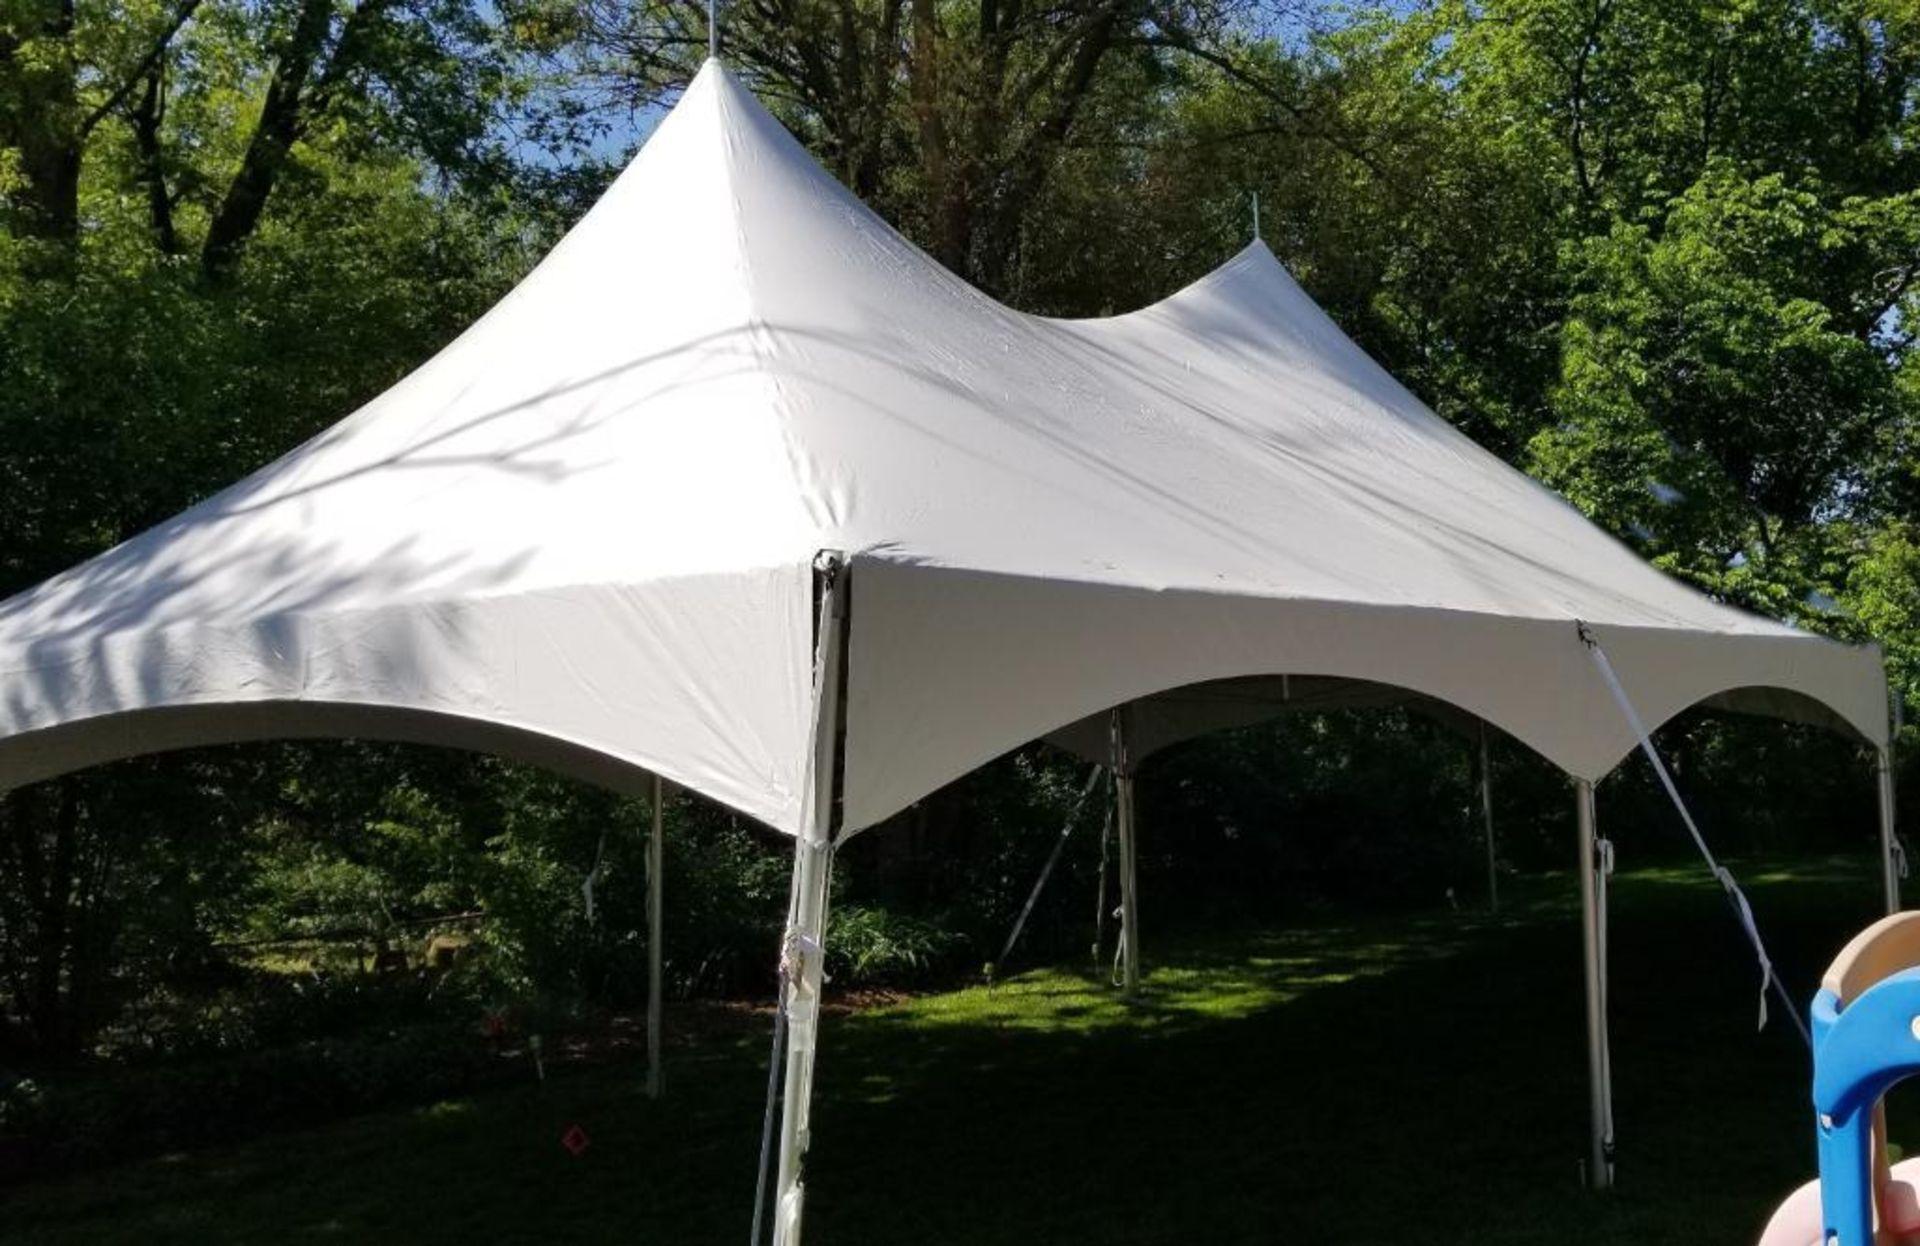 Lot 27 - 20 ft. x 30 ft. Hi Peak Frame Tent - Complete (sidewalls available)